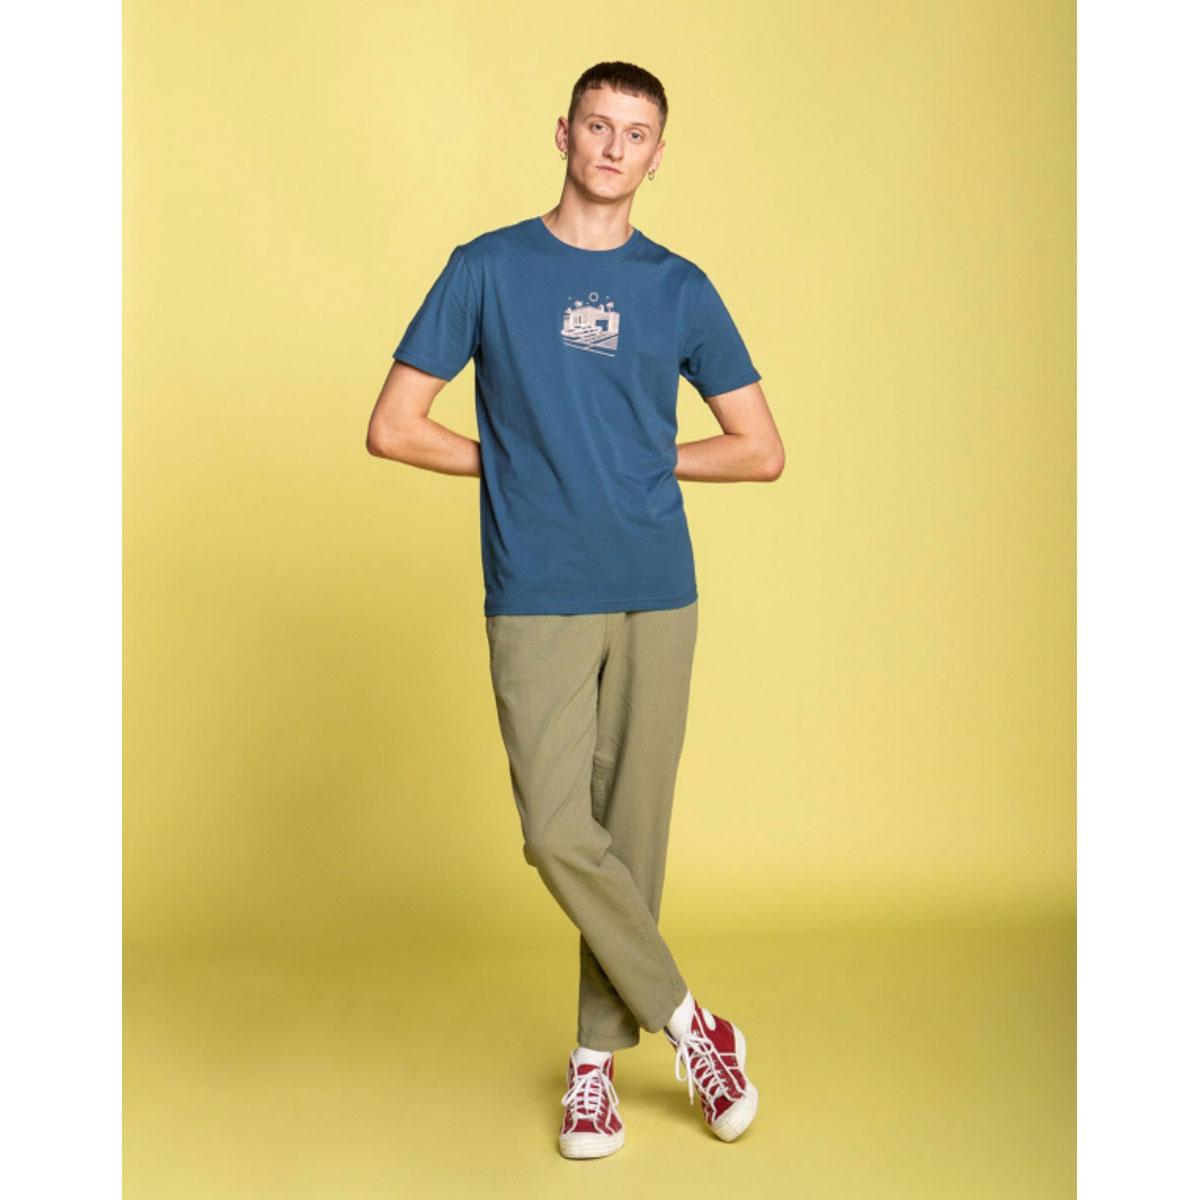 OLOW Tshirt FRONTYARD Bleu